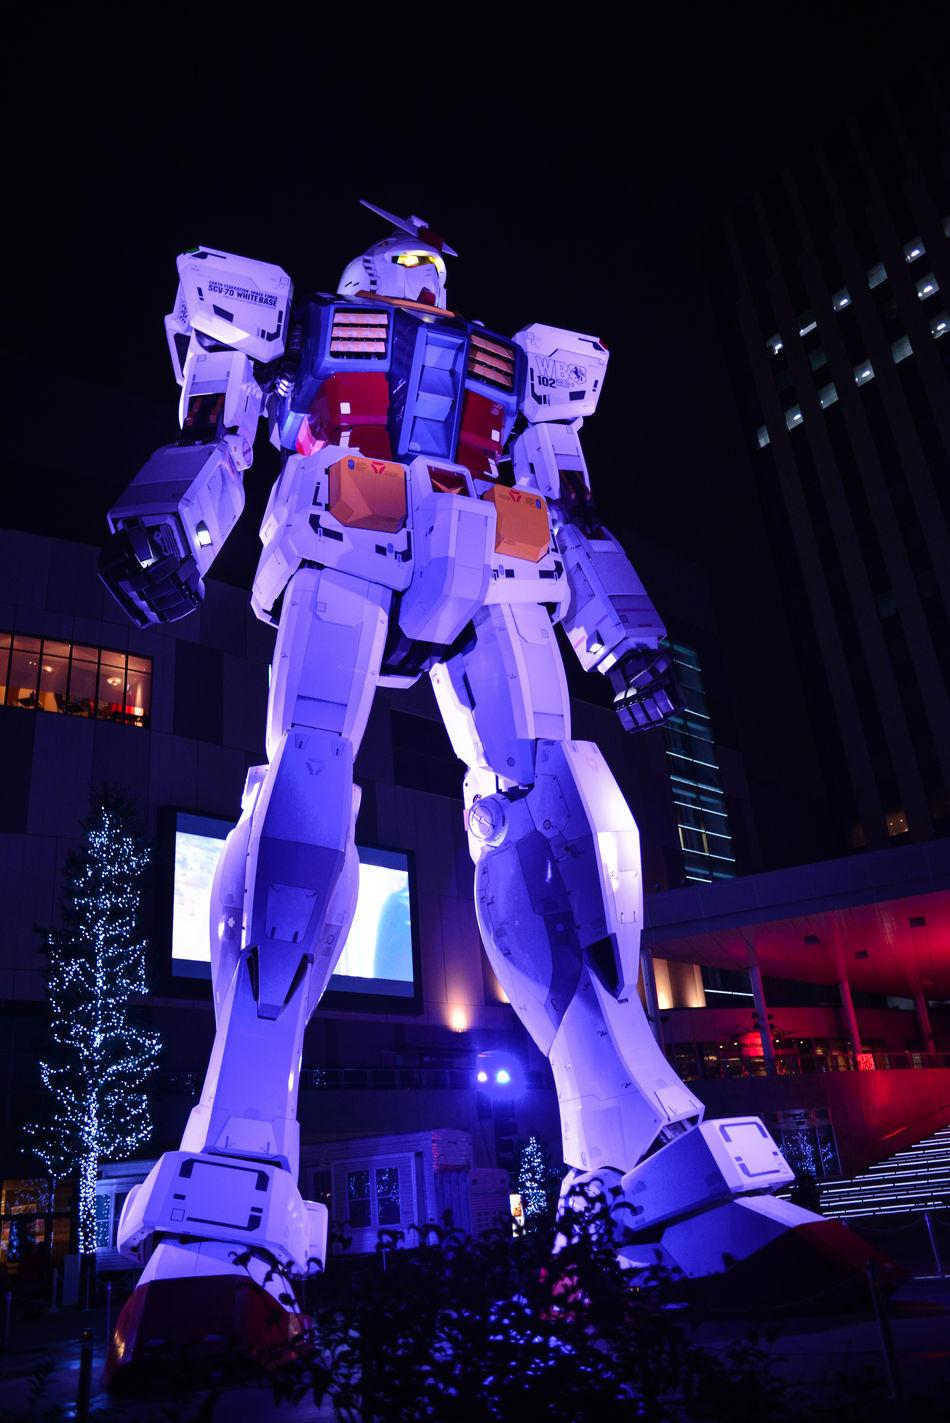 Art And Craft Building Exterior Built Structure Gundam Human Representation Illuminated Low Angle View Night Odiba Sculpture Ultimate Japan